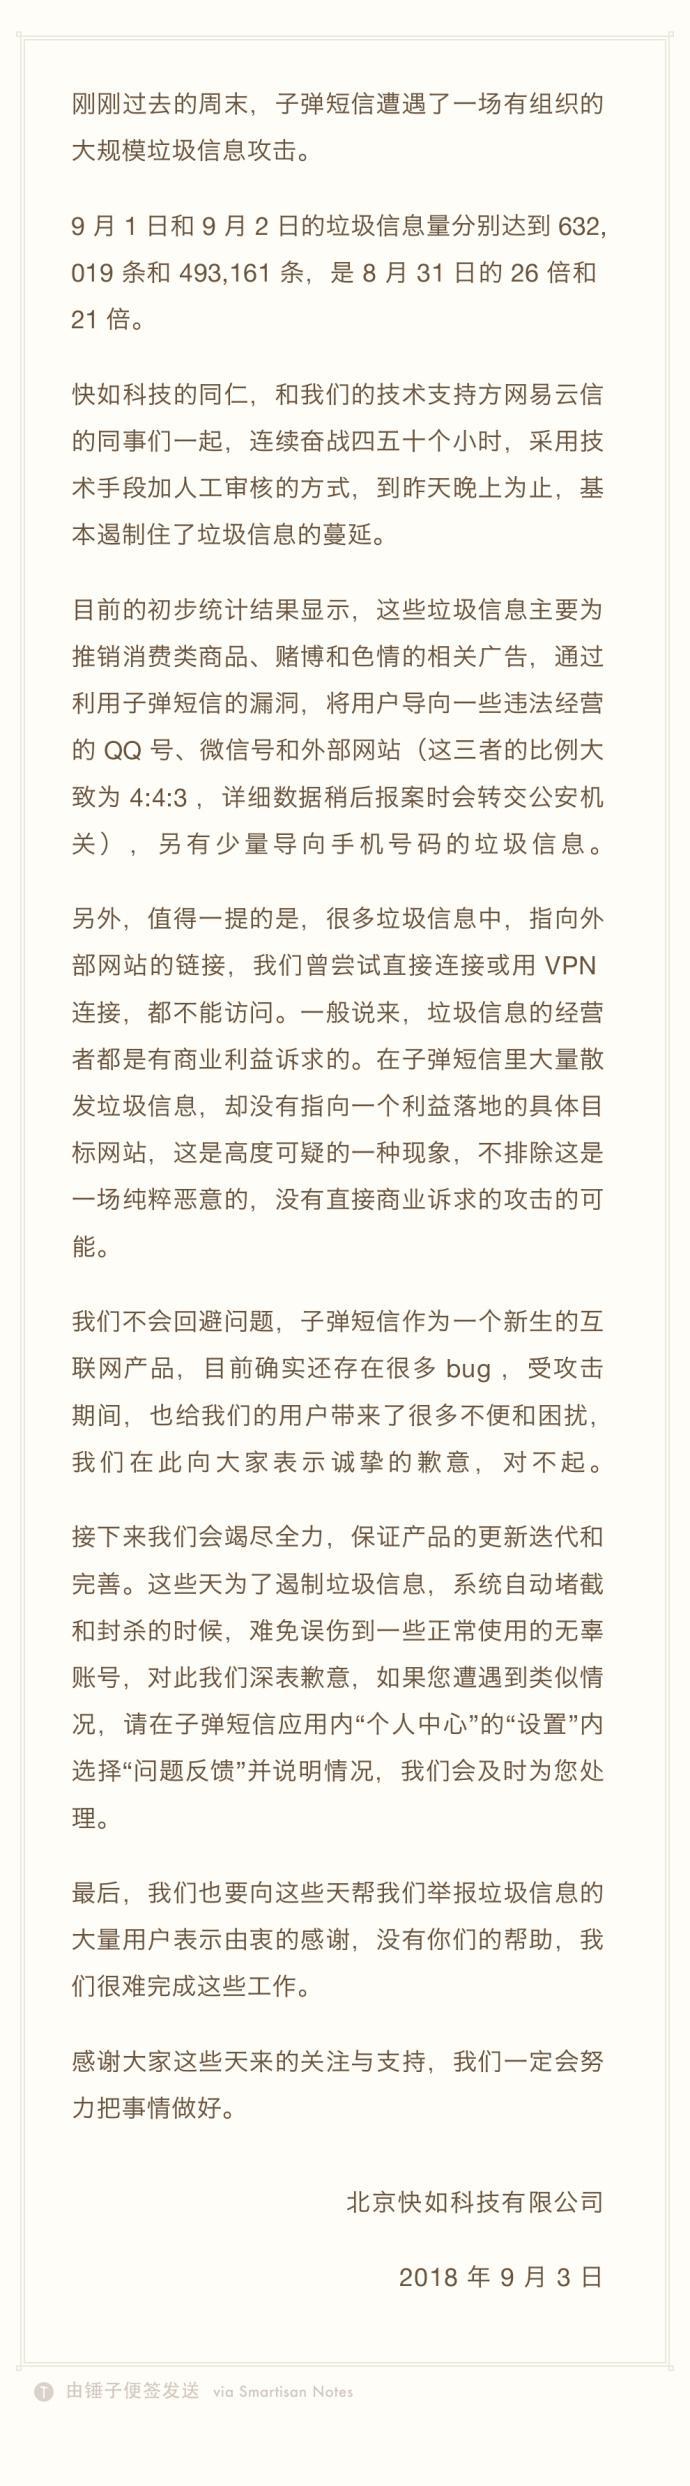 子弹短信称遭遇大范围攻击 罗永浩转发微博回应